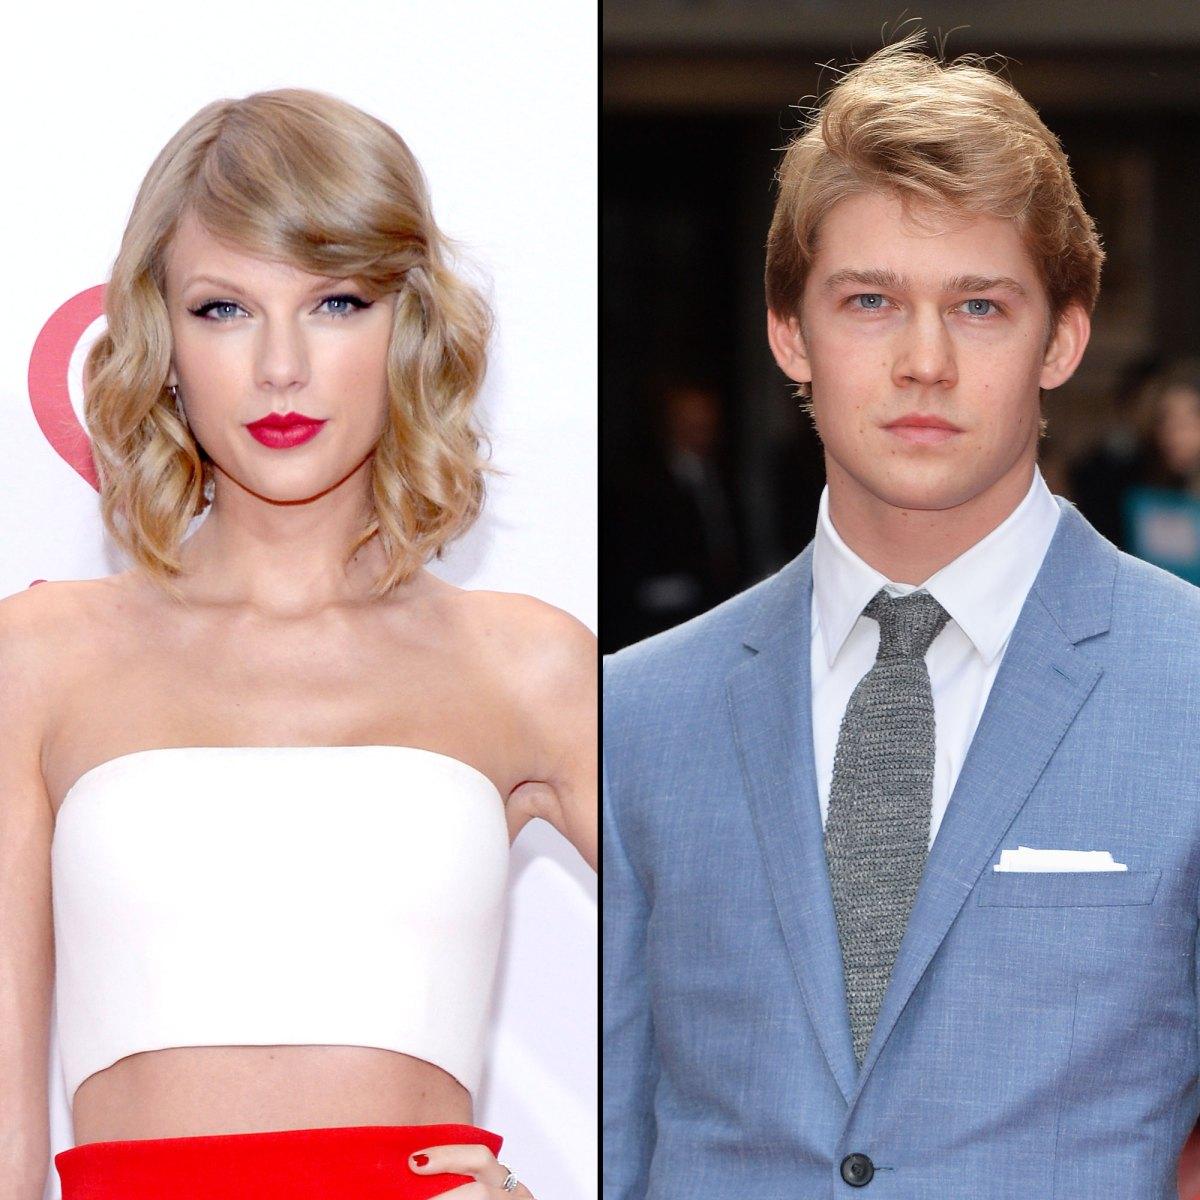 Taylor Swift And Joe Alwyn Relationship Timeline